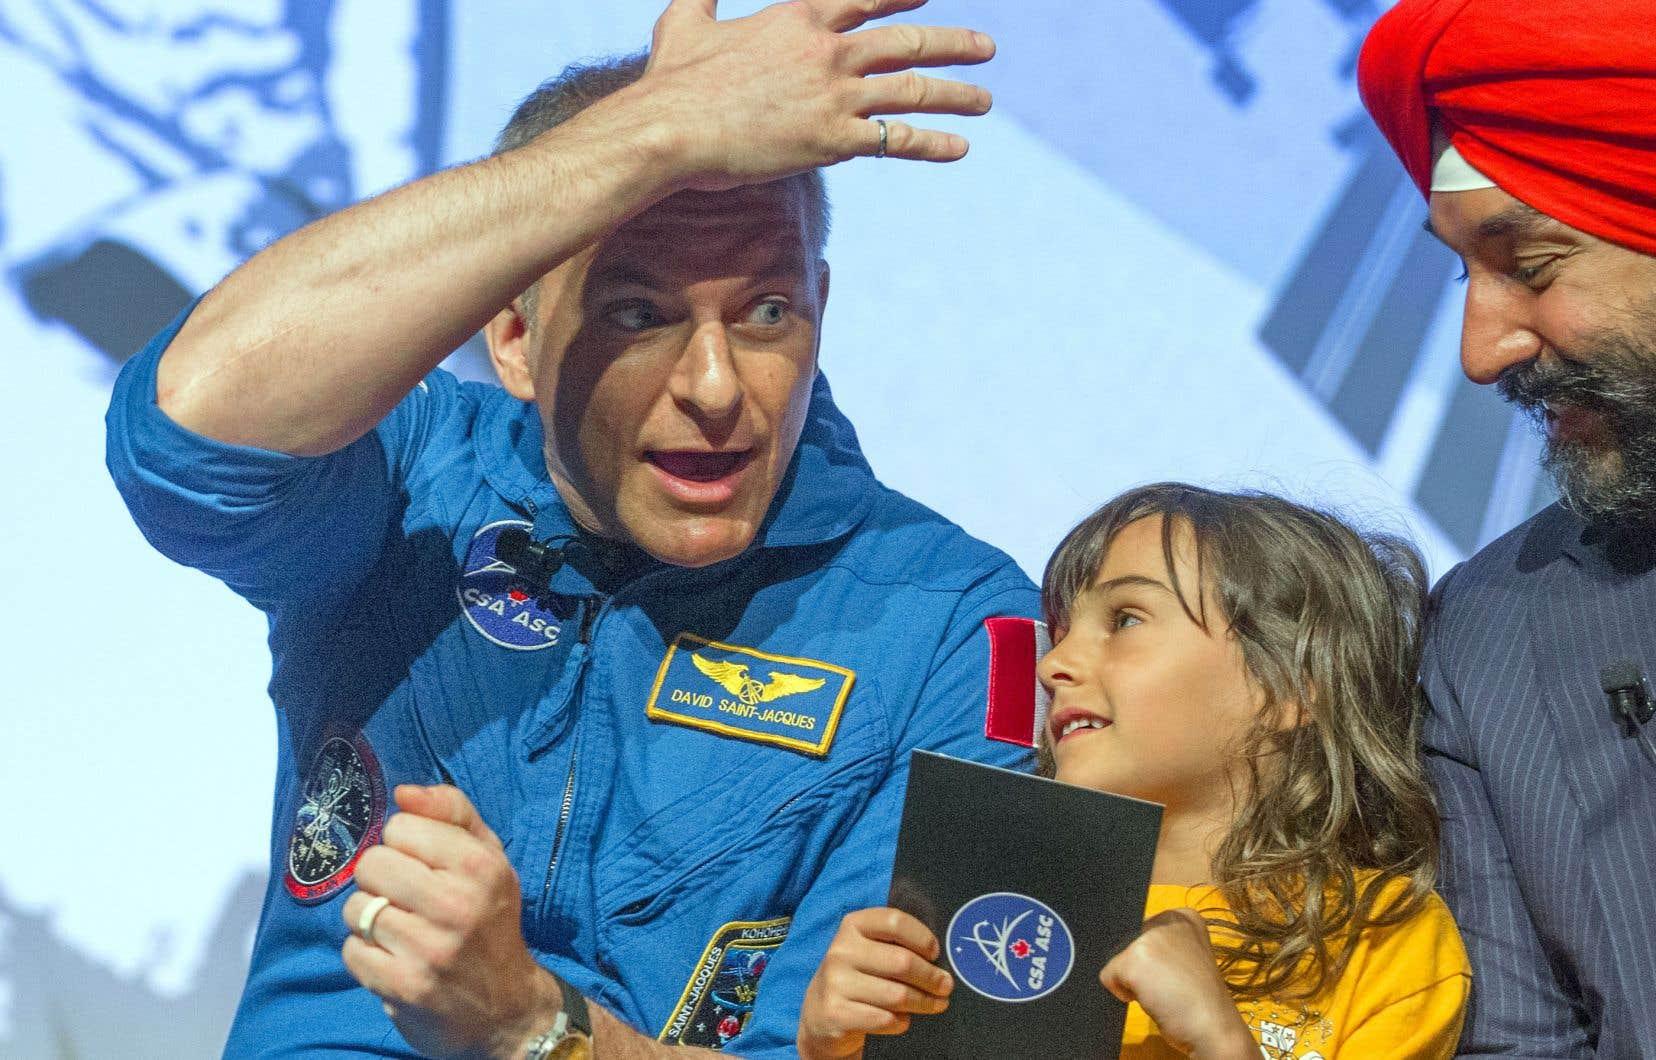 L'astronaute David Saint-Jacques a présenté quelques-uns des clichés qu'il a pris de là-haut, dans la Station spatiale internationale. Sur la photo, il est accompagné du ministre Navdeep Bains et de la petite Sophie Gentile.